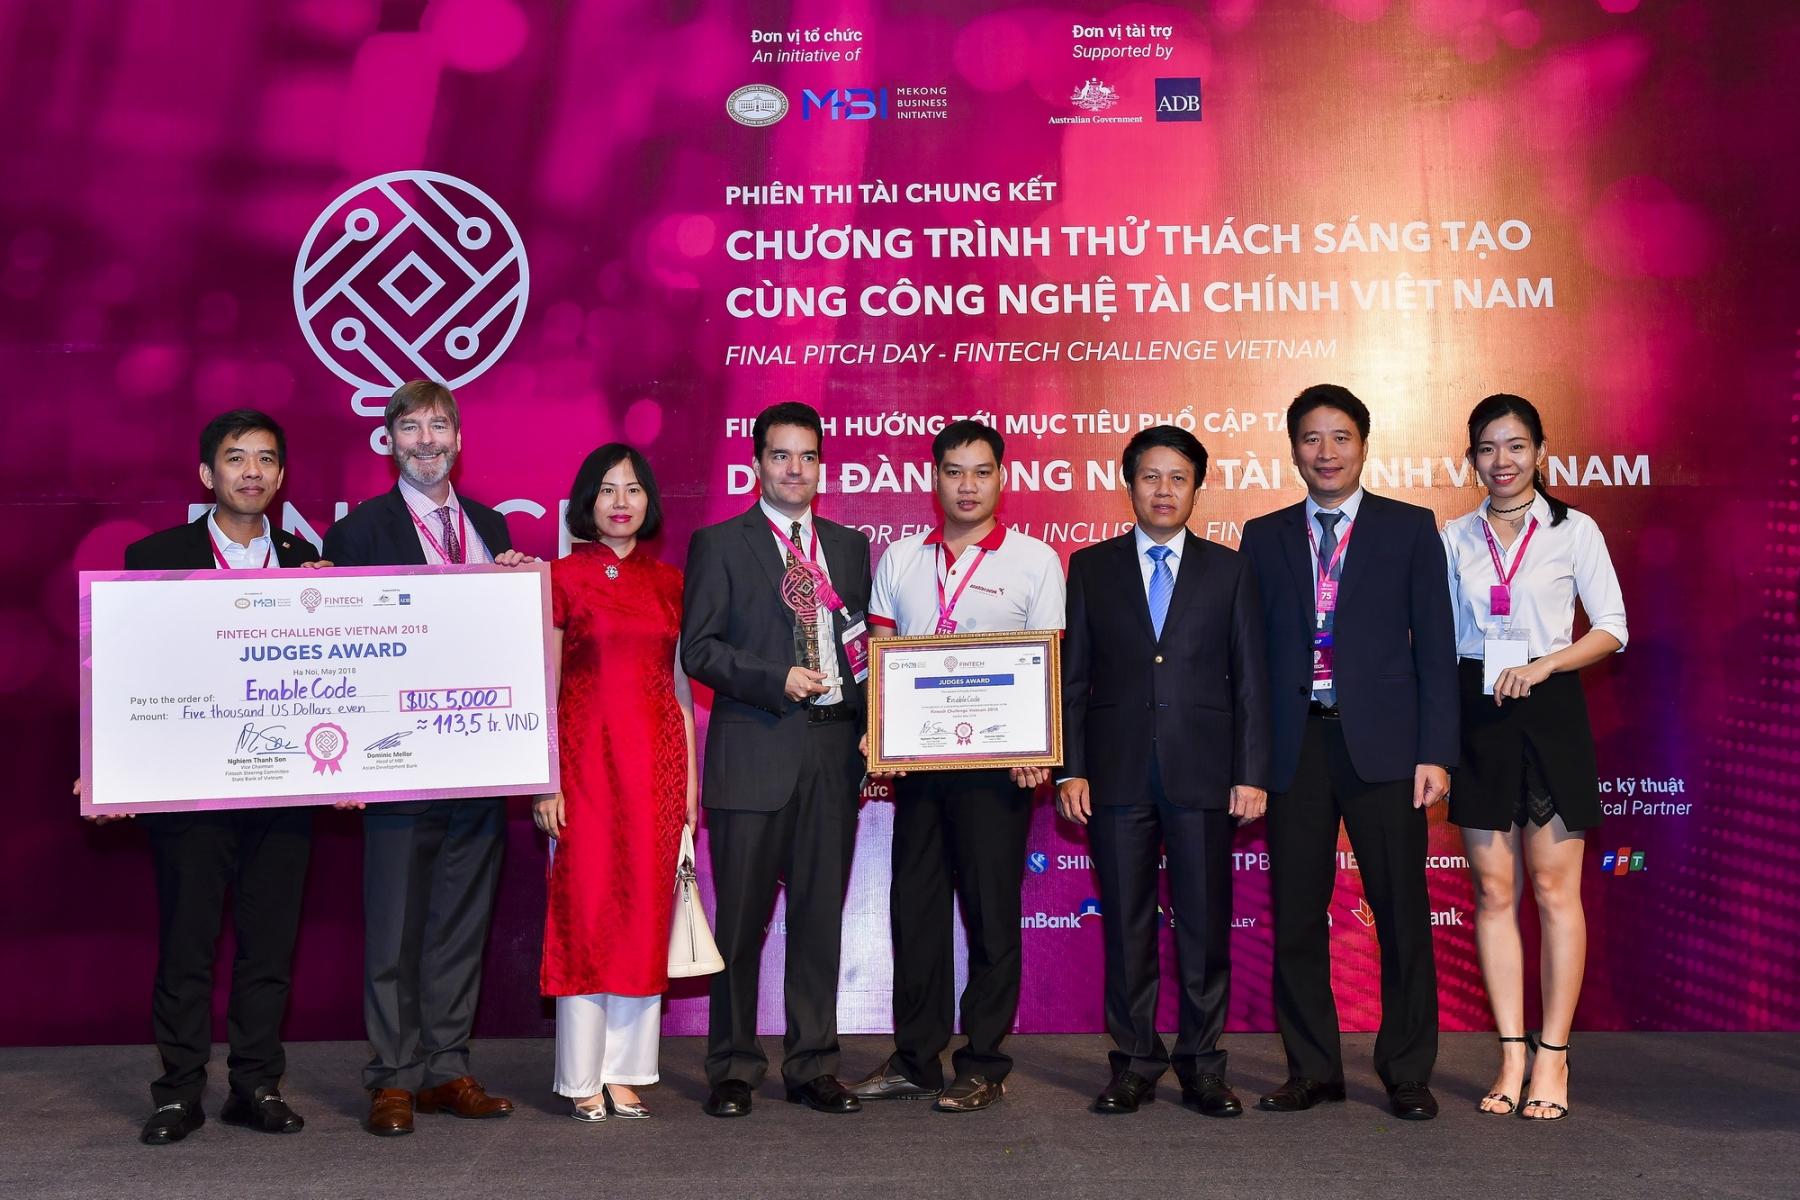 bidv voi fintech challenge vietnam dong hanh de truyen cam hung